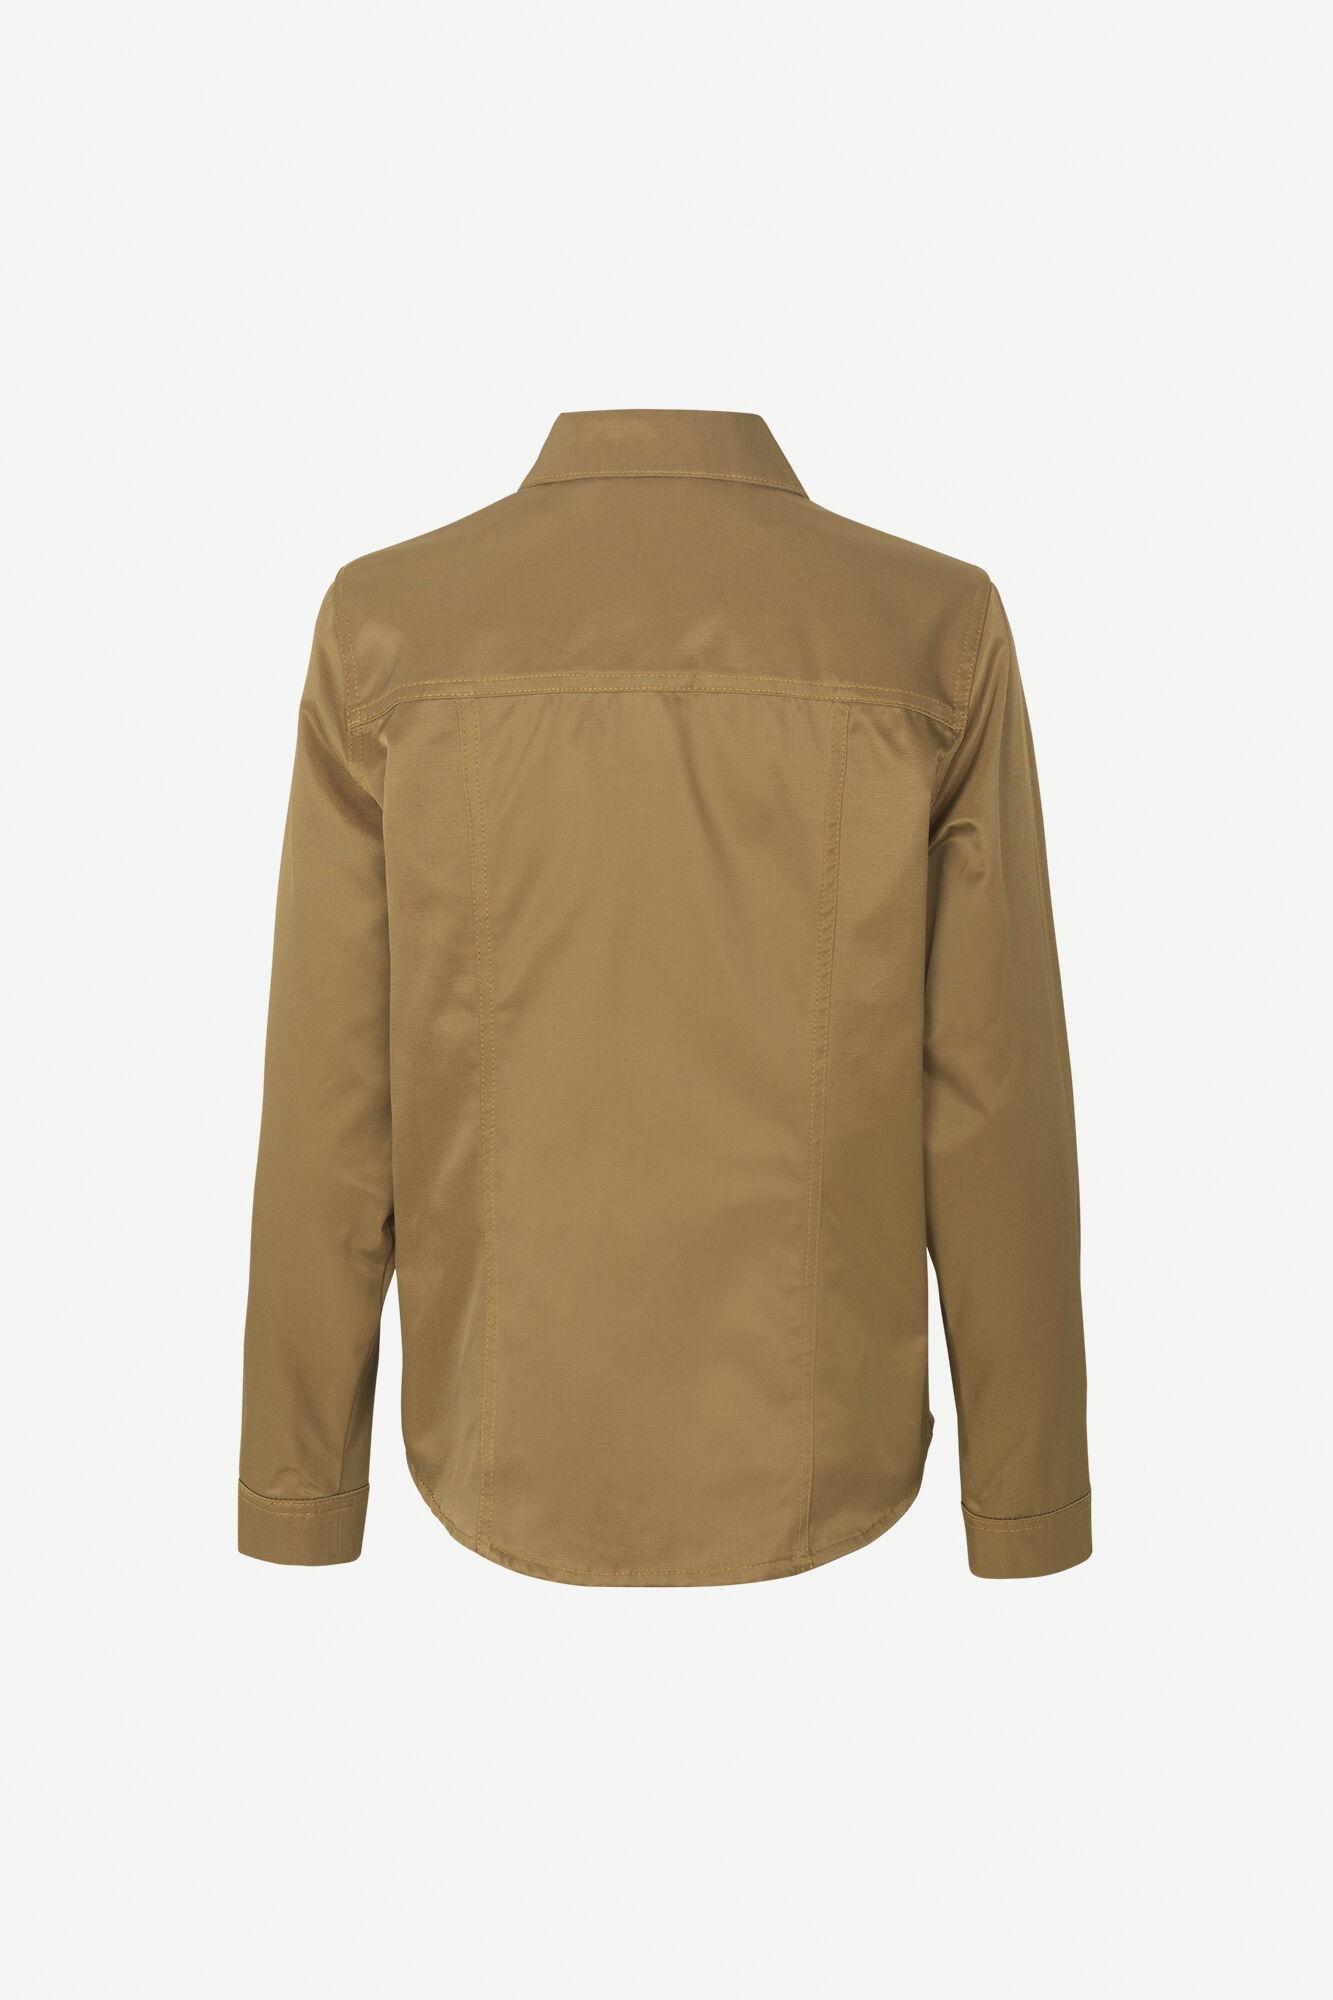 Gina overshirt 11155